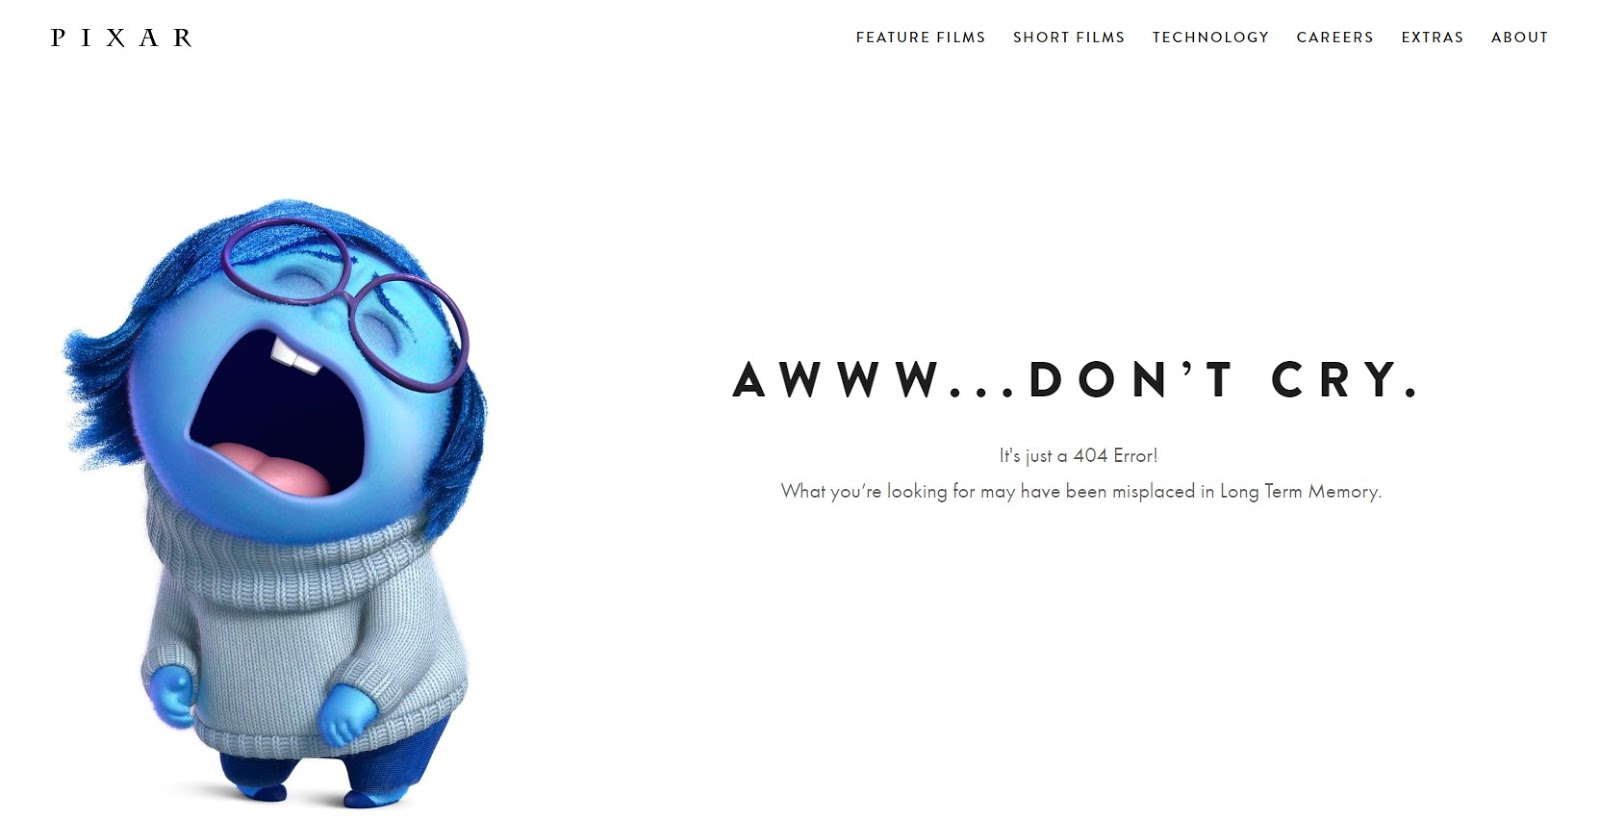 Chybová stránka 404 Pixar